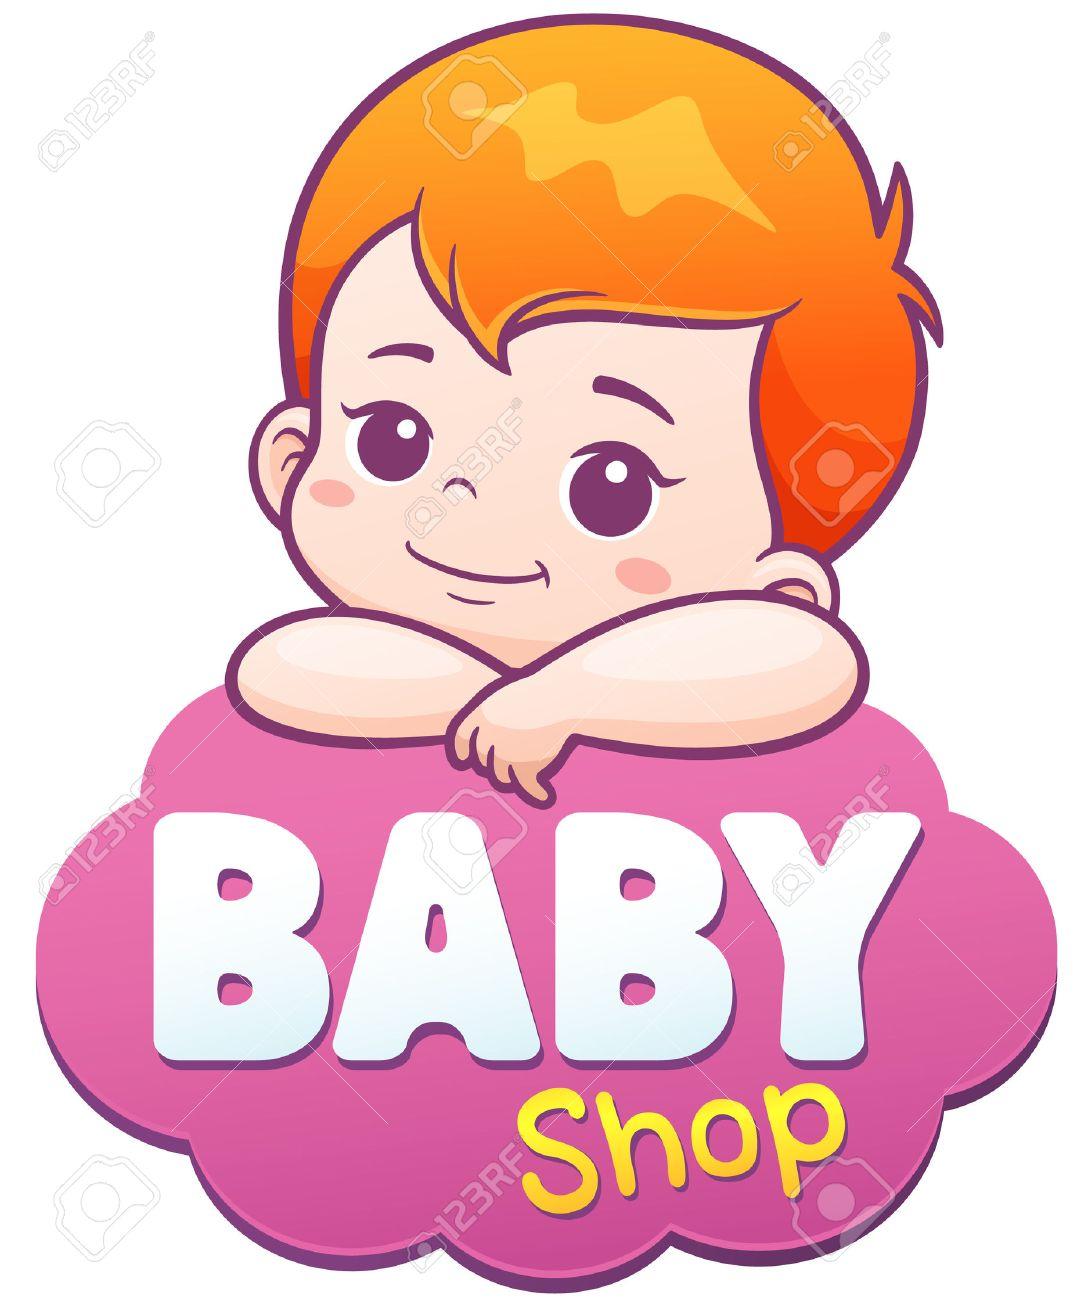 Vector Illustration of Cartoon Cute Baby. Baby shop logo concept - 66380298